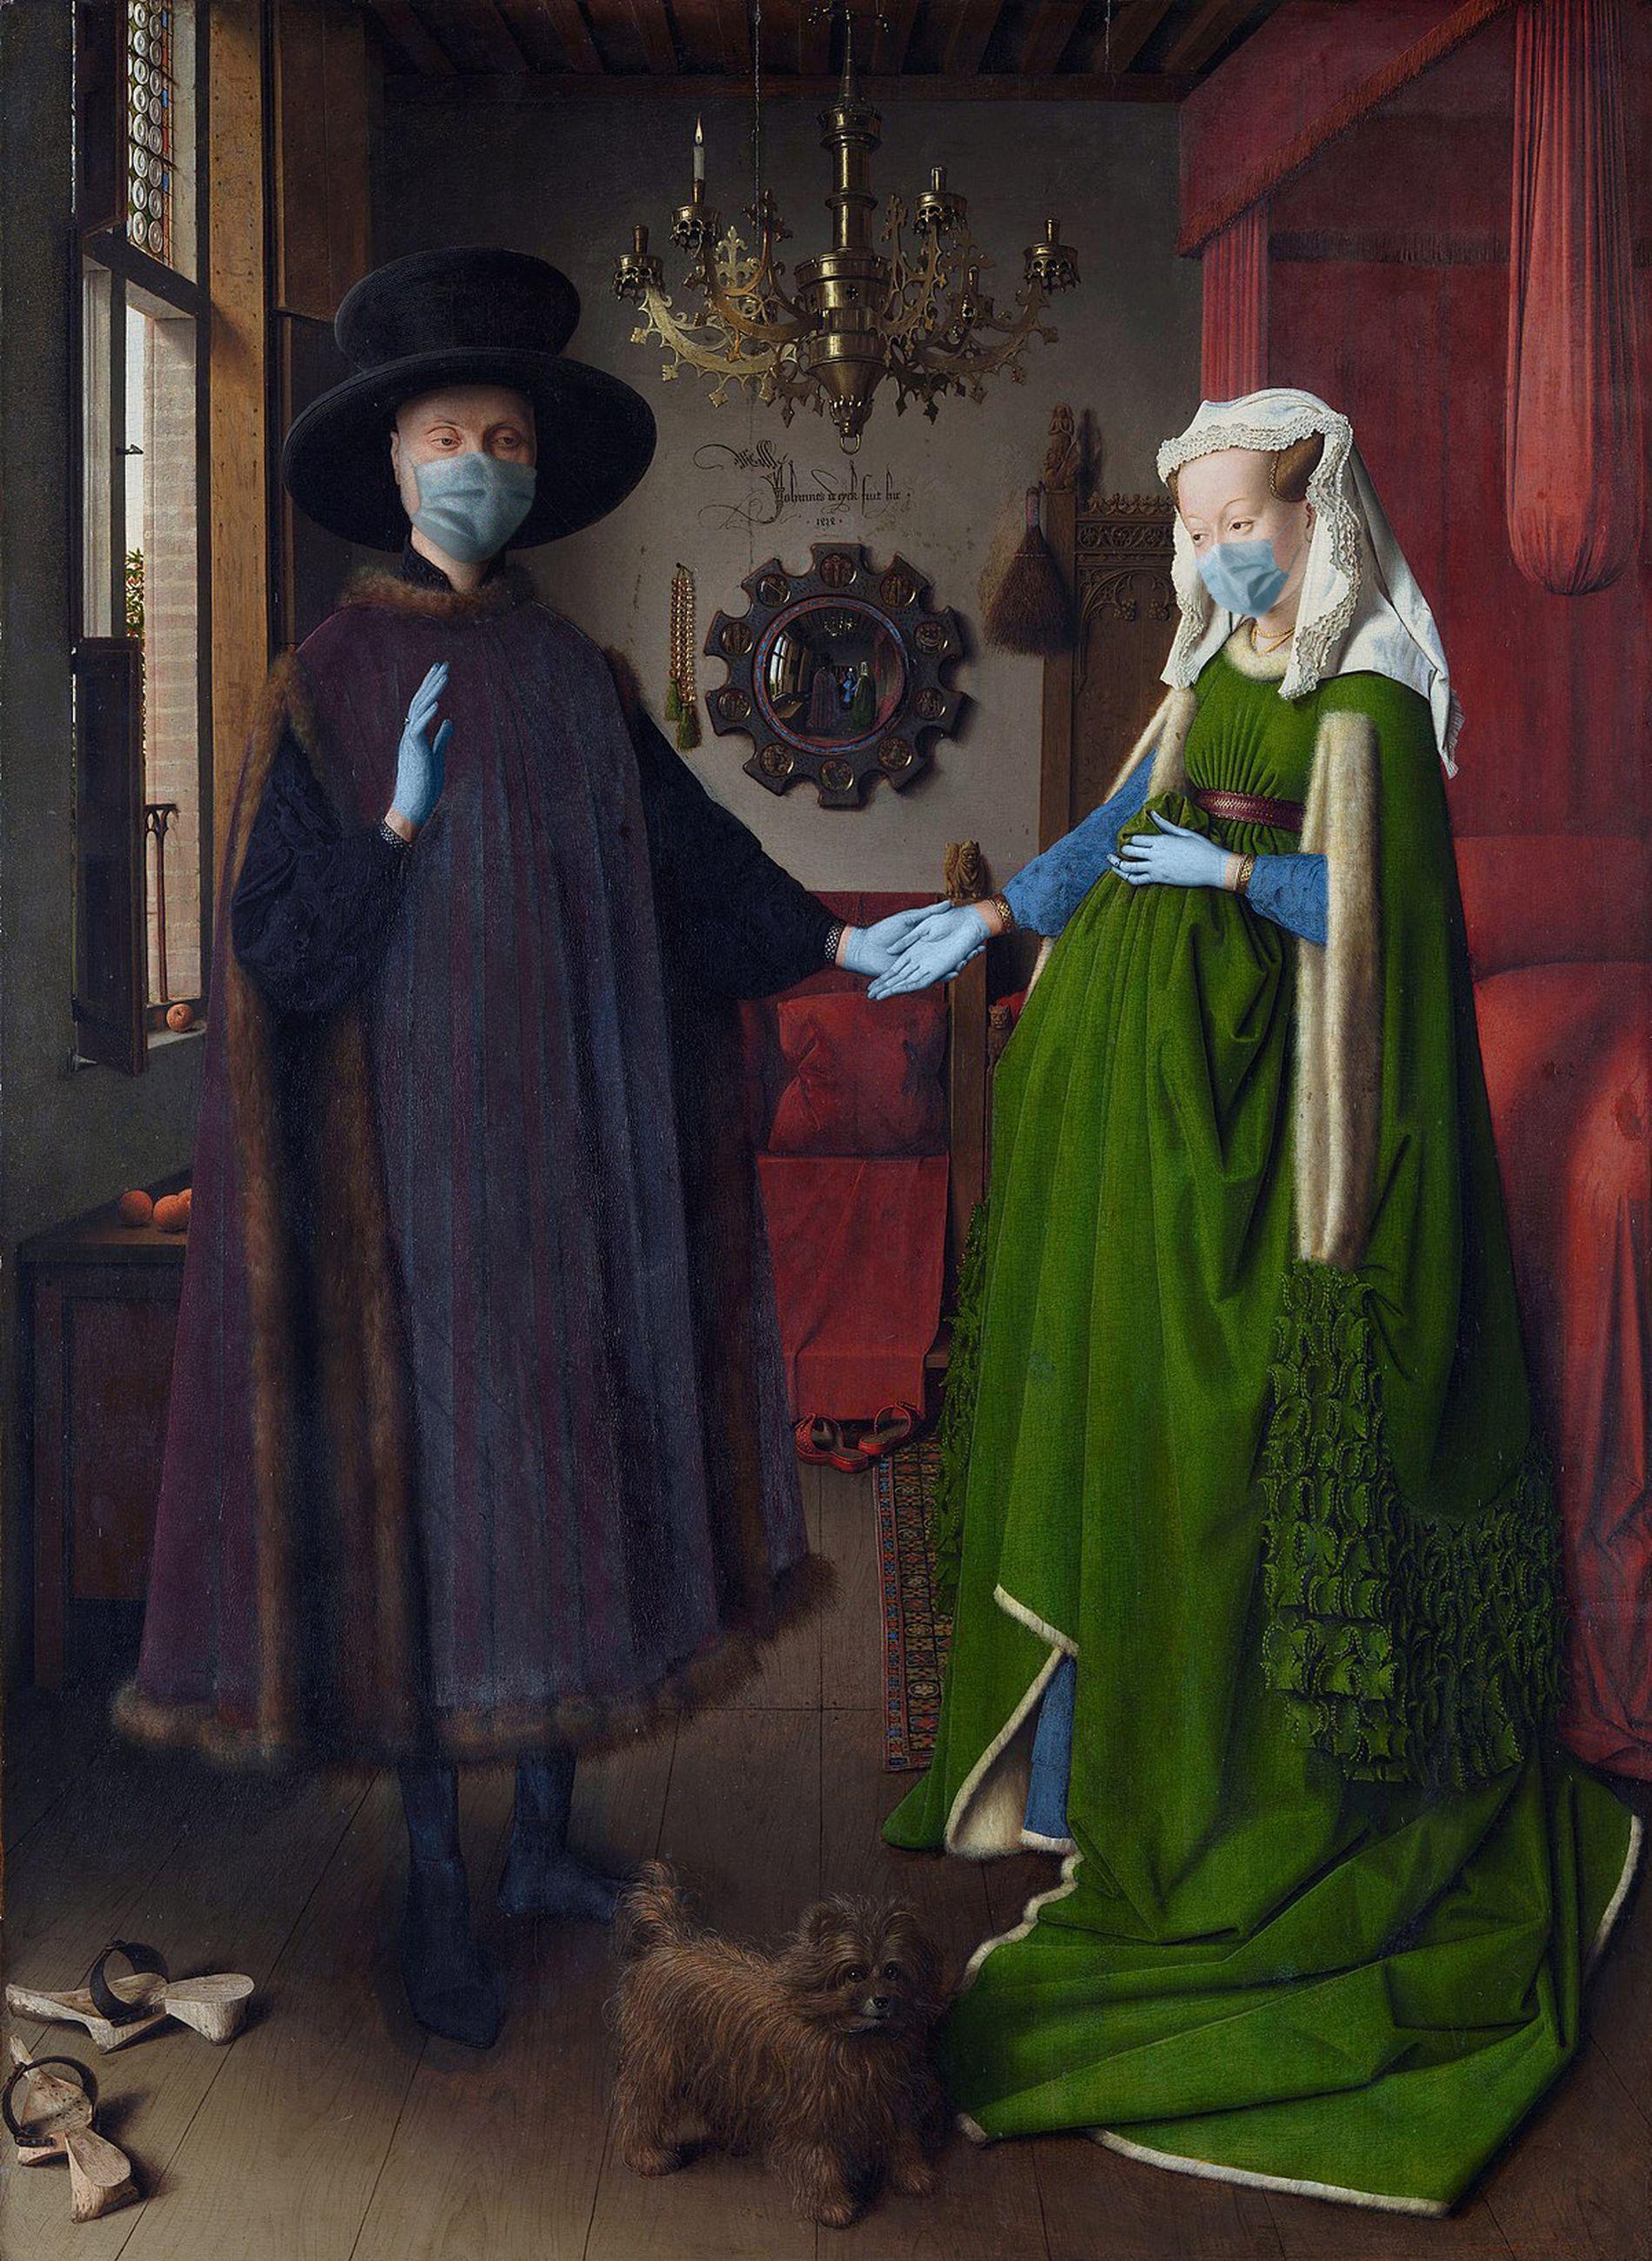 Ritratto di Giovanni Arnolfini e sua moglie / Jan van Eyck/POA Estudio